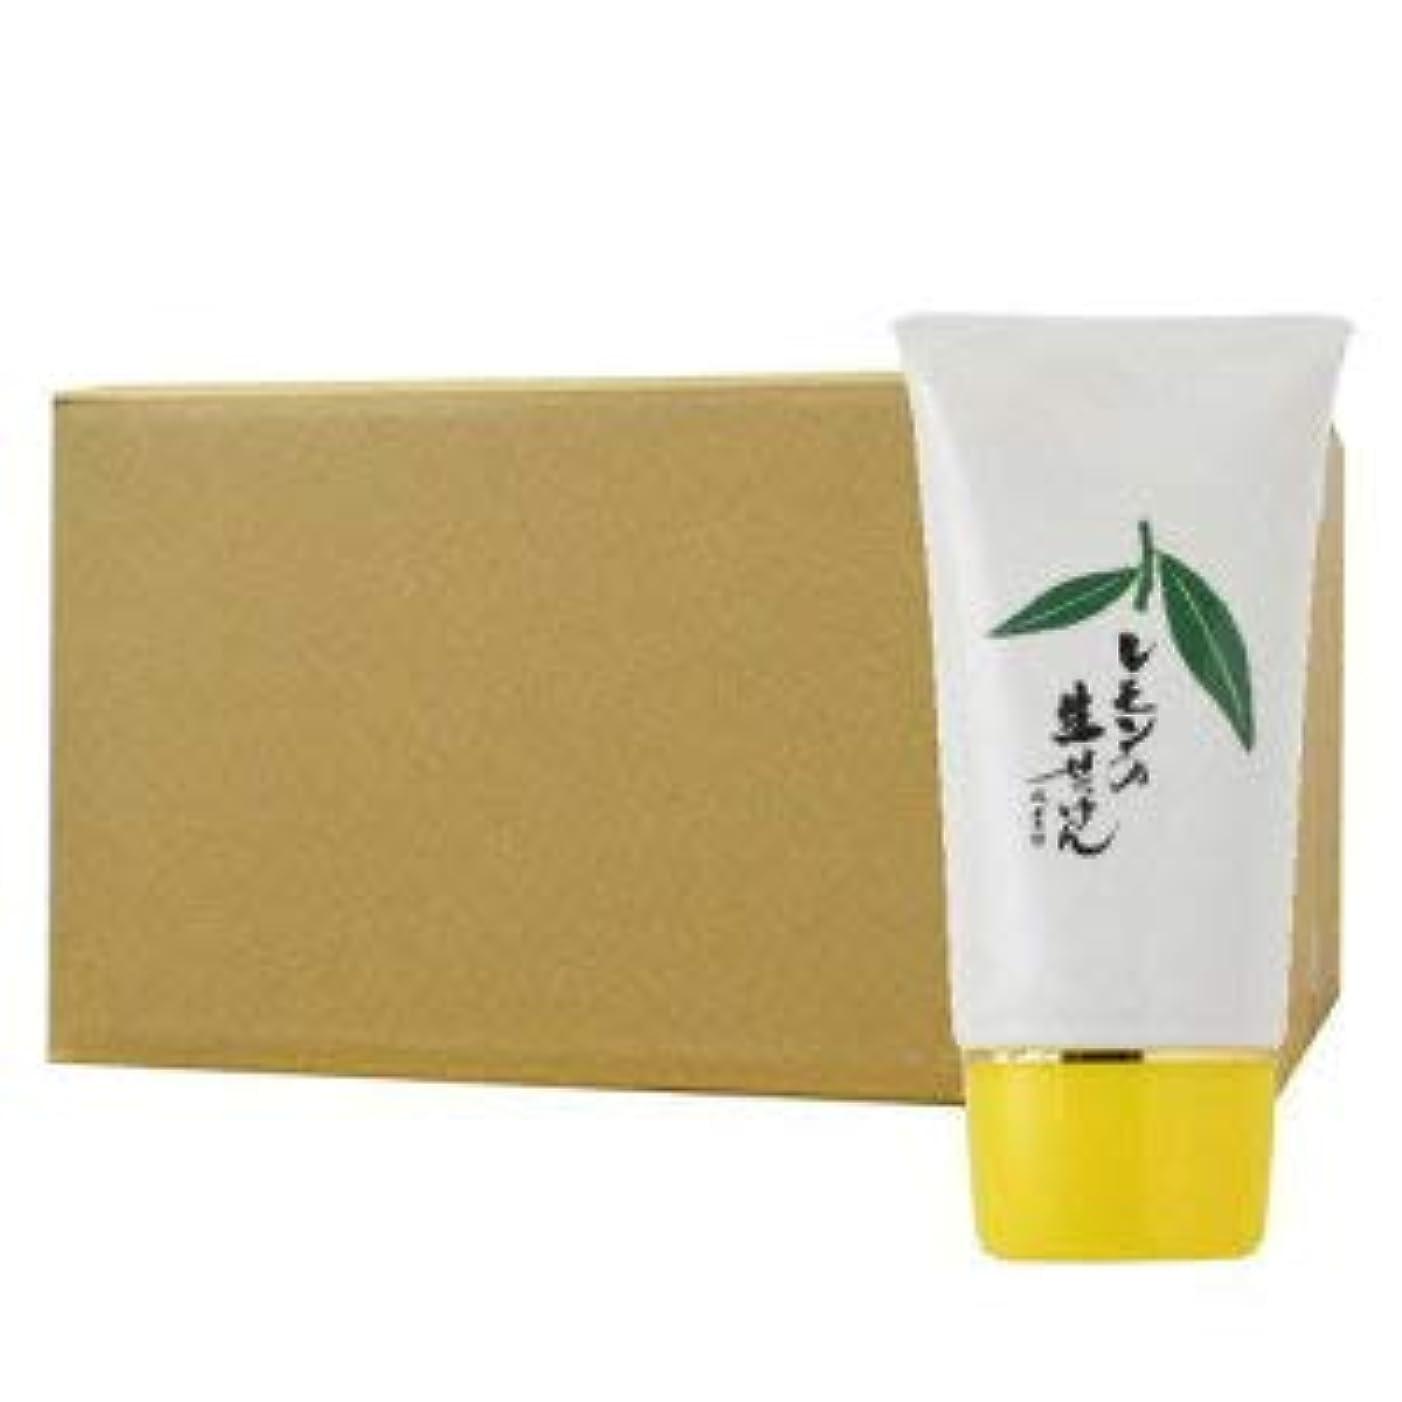 導入する校長喜びUYEKI美香柑レモンの生せっけん70g×60個セット